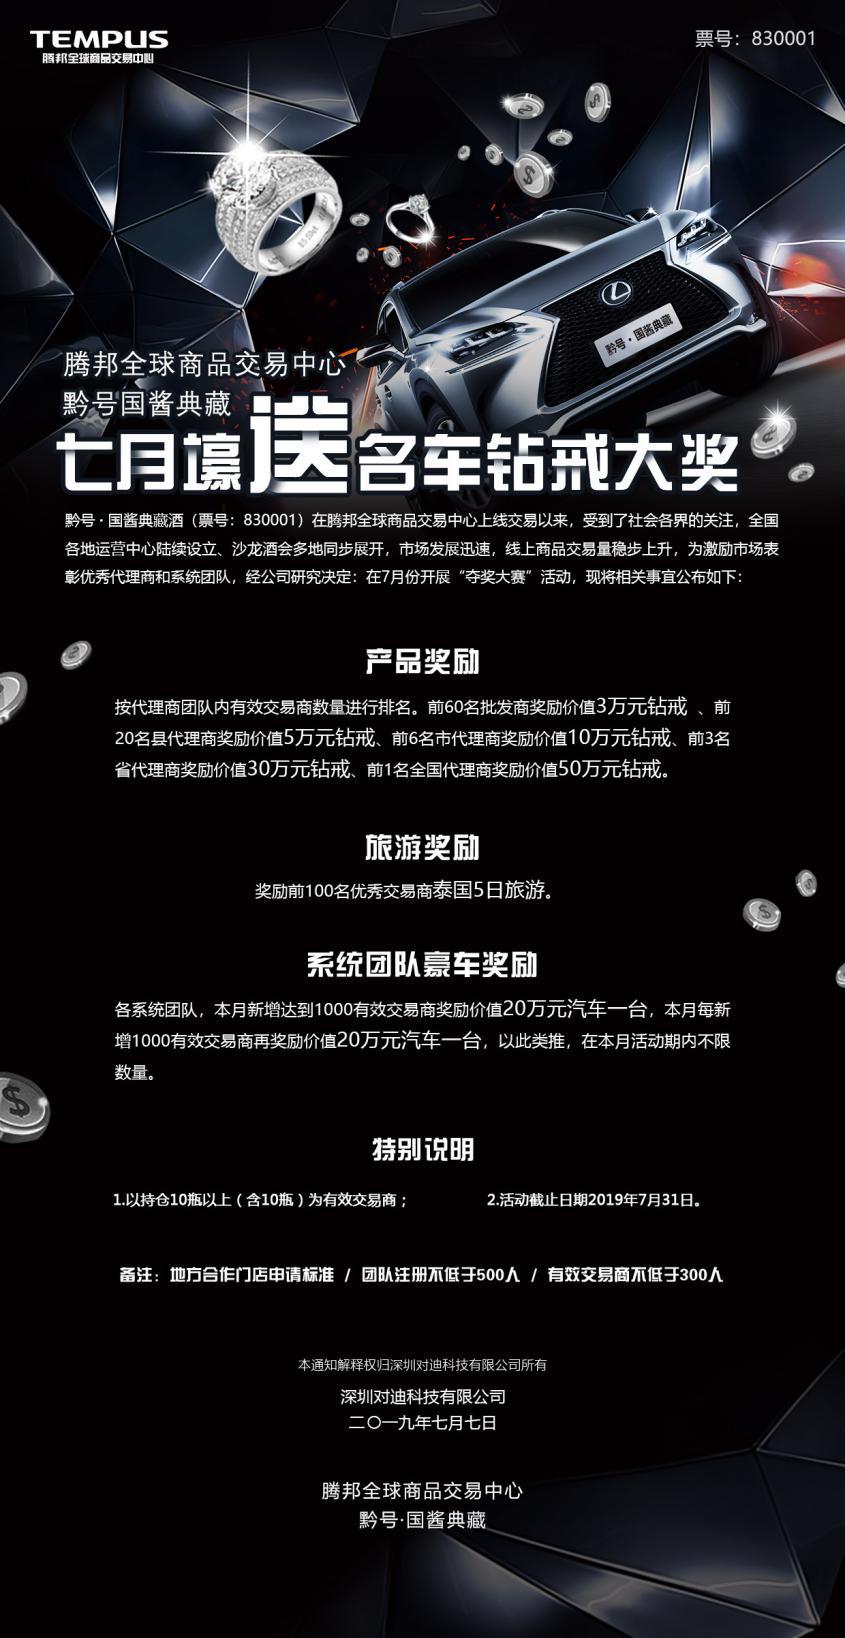 http://www.shangoudaohang.com/shengxian/169196.html